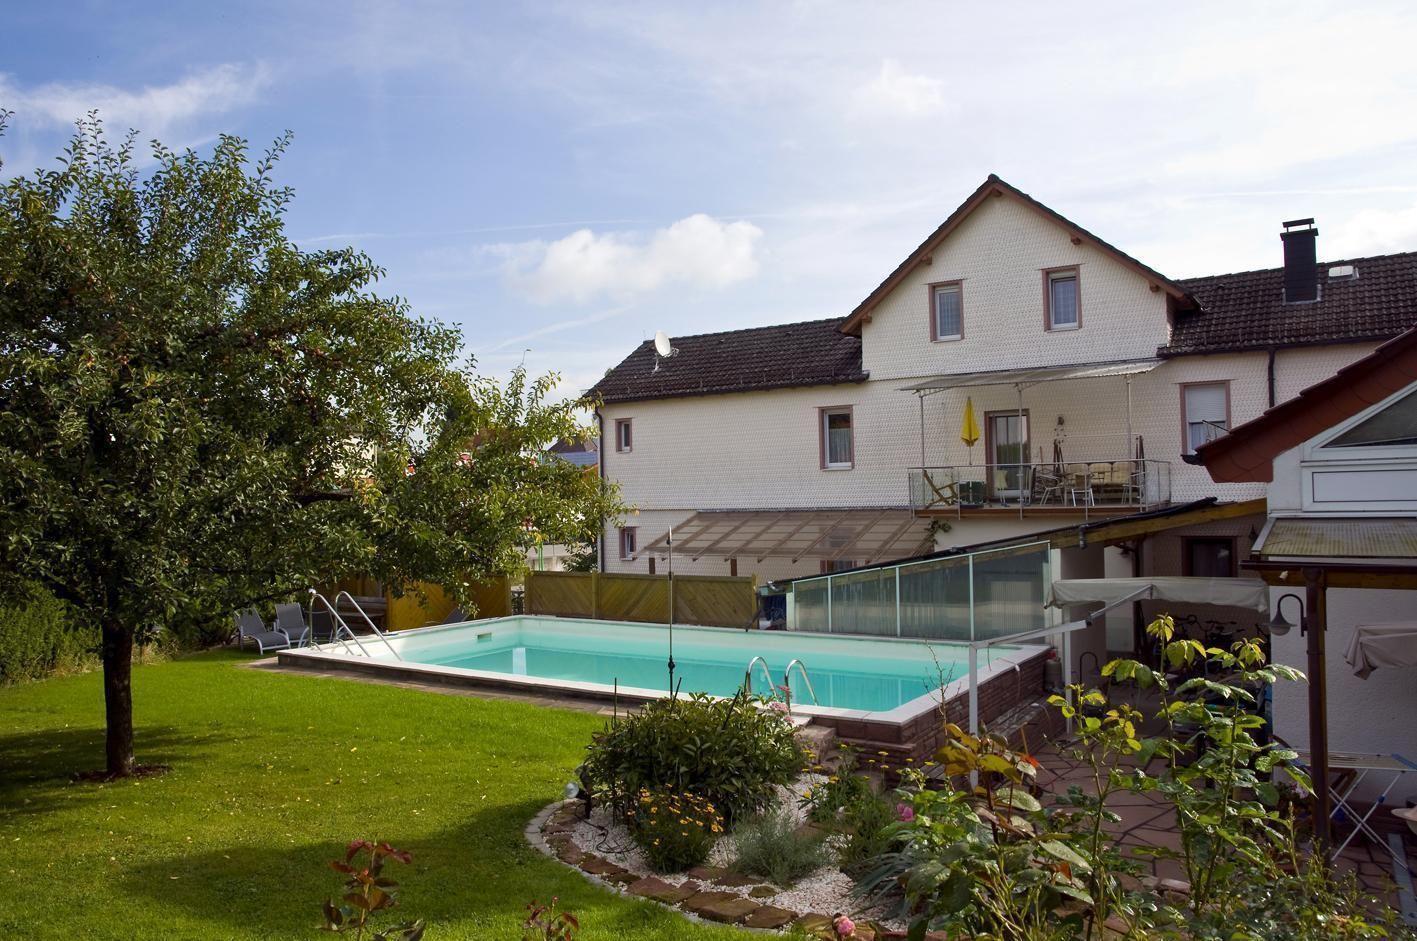 Ferienwohnung für 2 Personen ca. 45 m² i  in Hessen